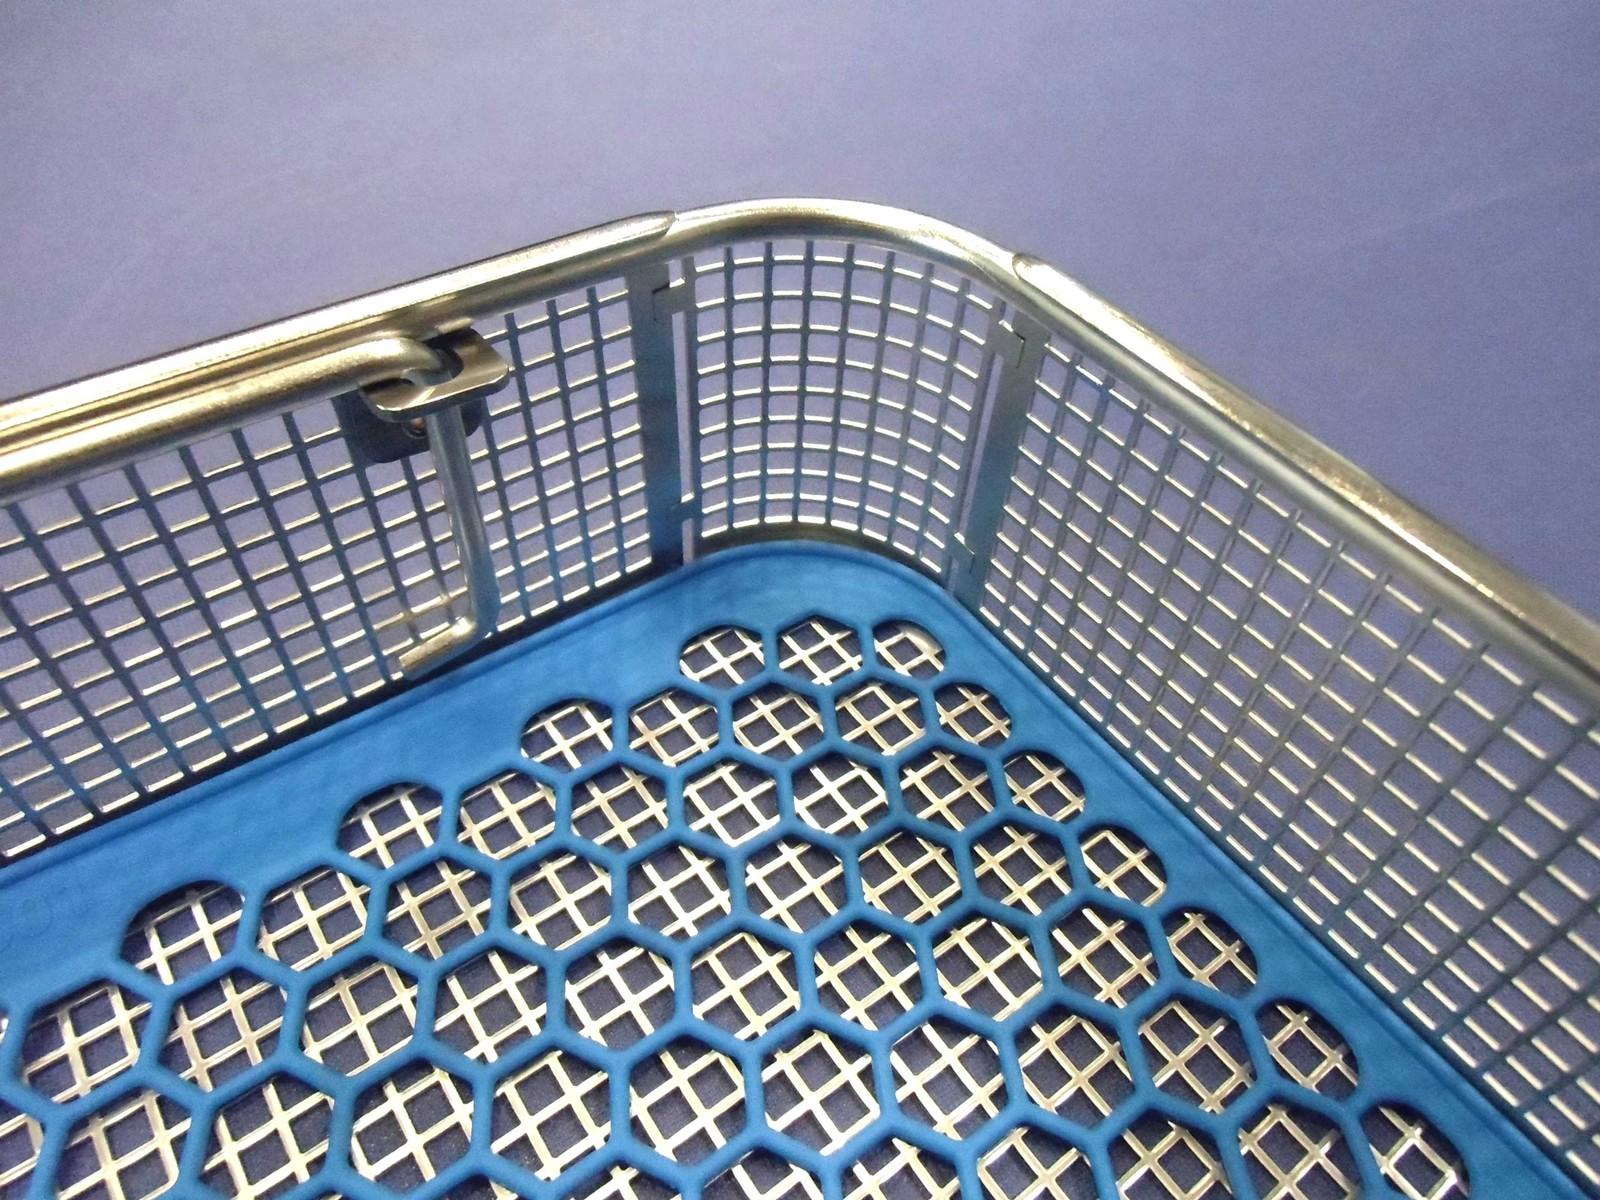 Im Rahmen der kundenspezifischen Individualisierung seiner Kleinteile-Waschkörbe bietet LK Mechanik auch Edelstahl-Behälter mit abgerundeten Ecken, innenliegende Fallgriffen und gratfreien Kanten an.